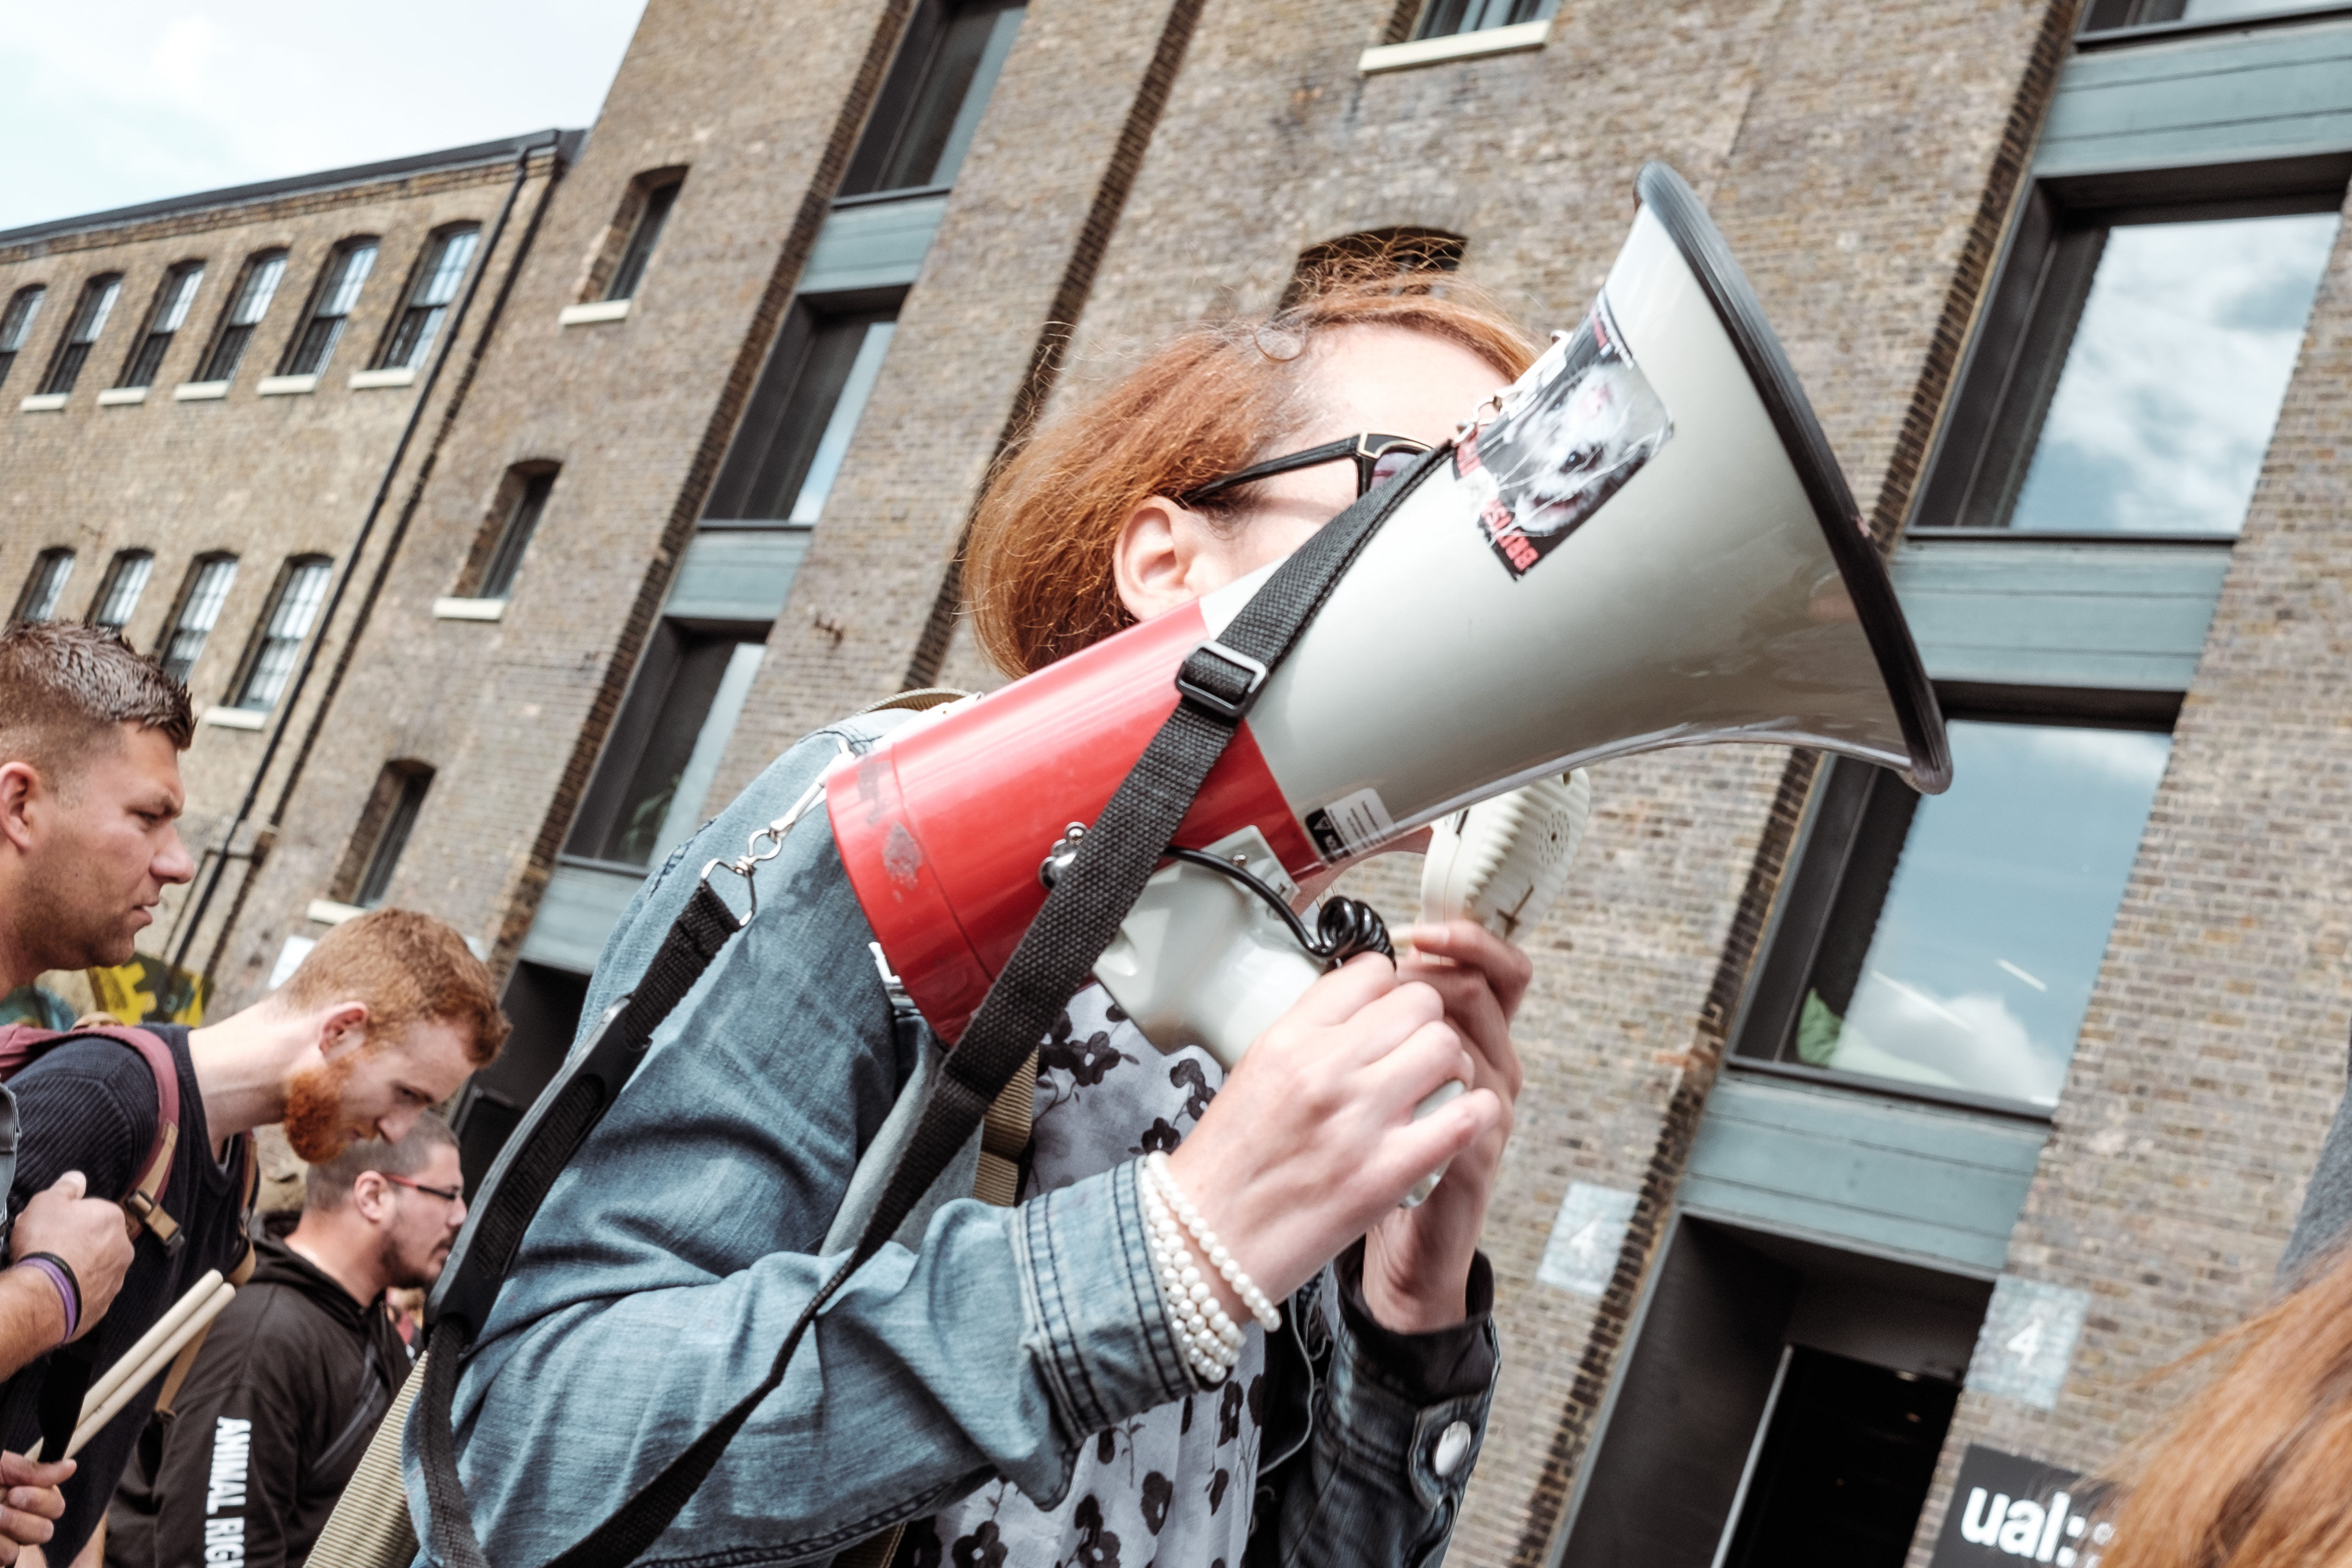 Mit der neuen SPD-Führung droht eine linke Revolution? Schön wär's!